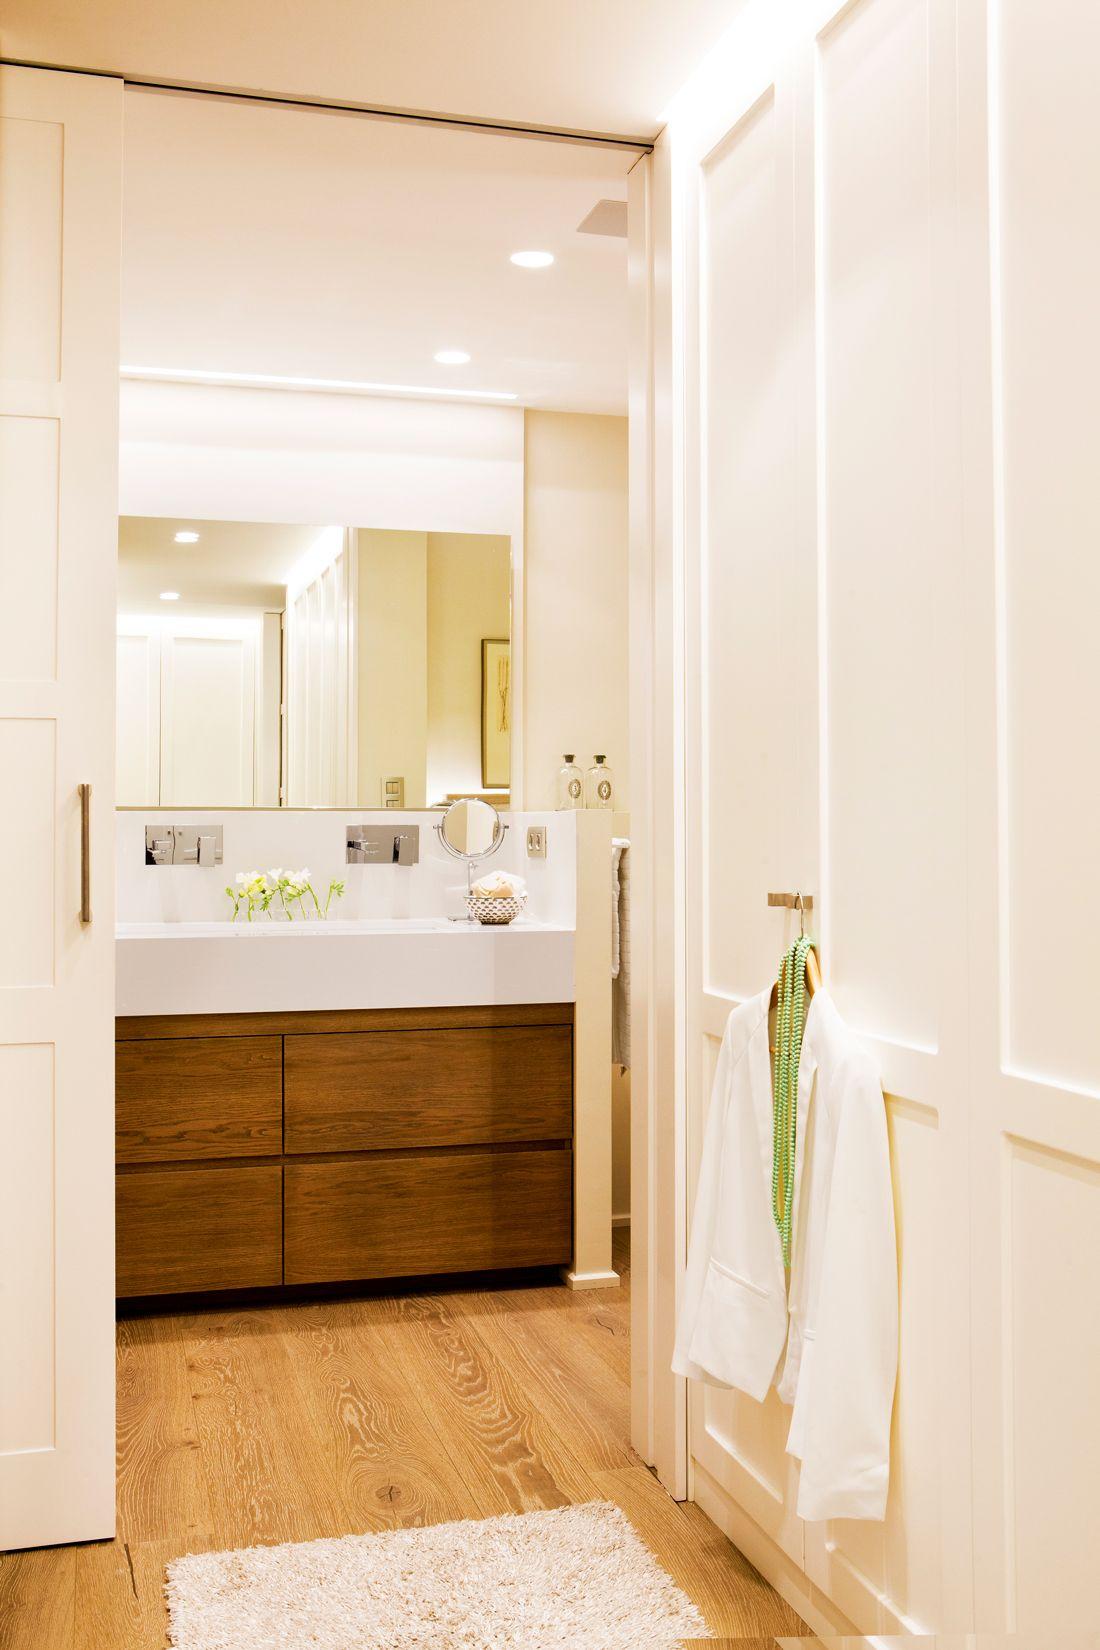 Imprevistos En Tu Obra Muebles Bajo Lavabo Diseño De Interiores De Baño Muebles De Baño